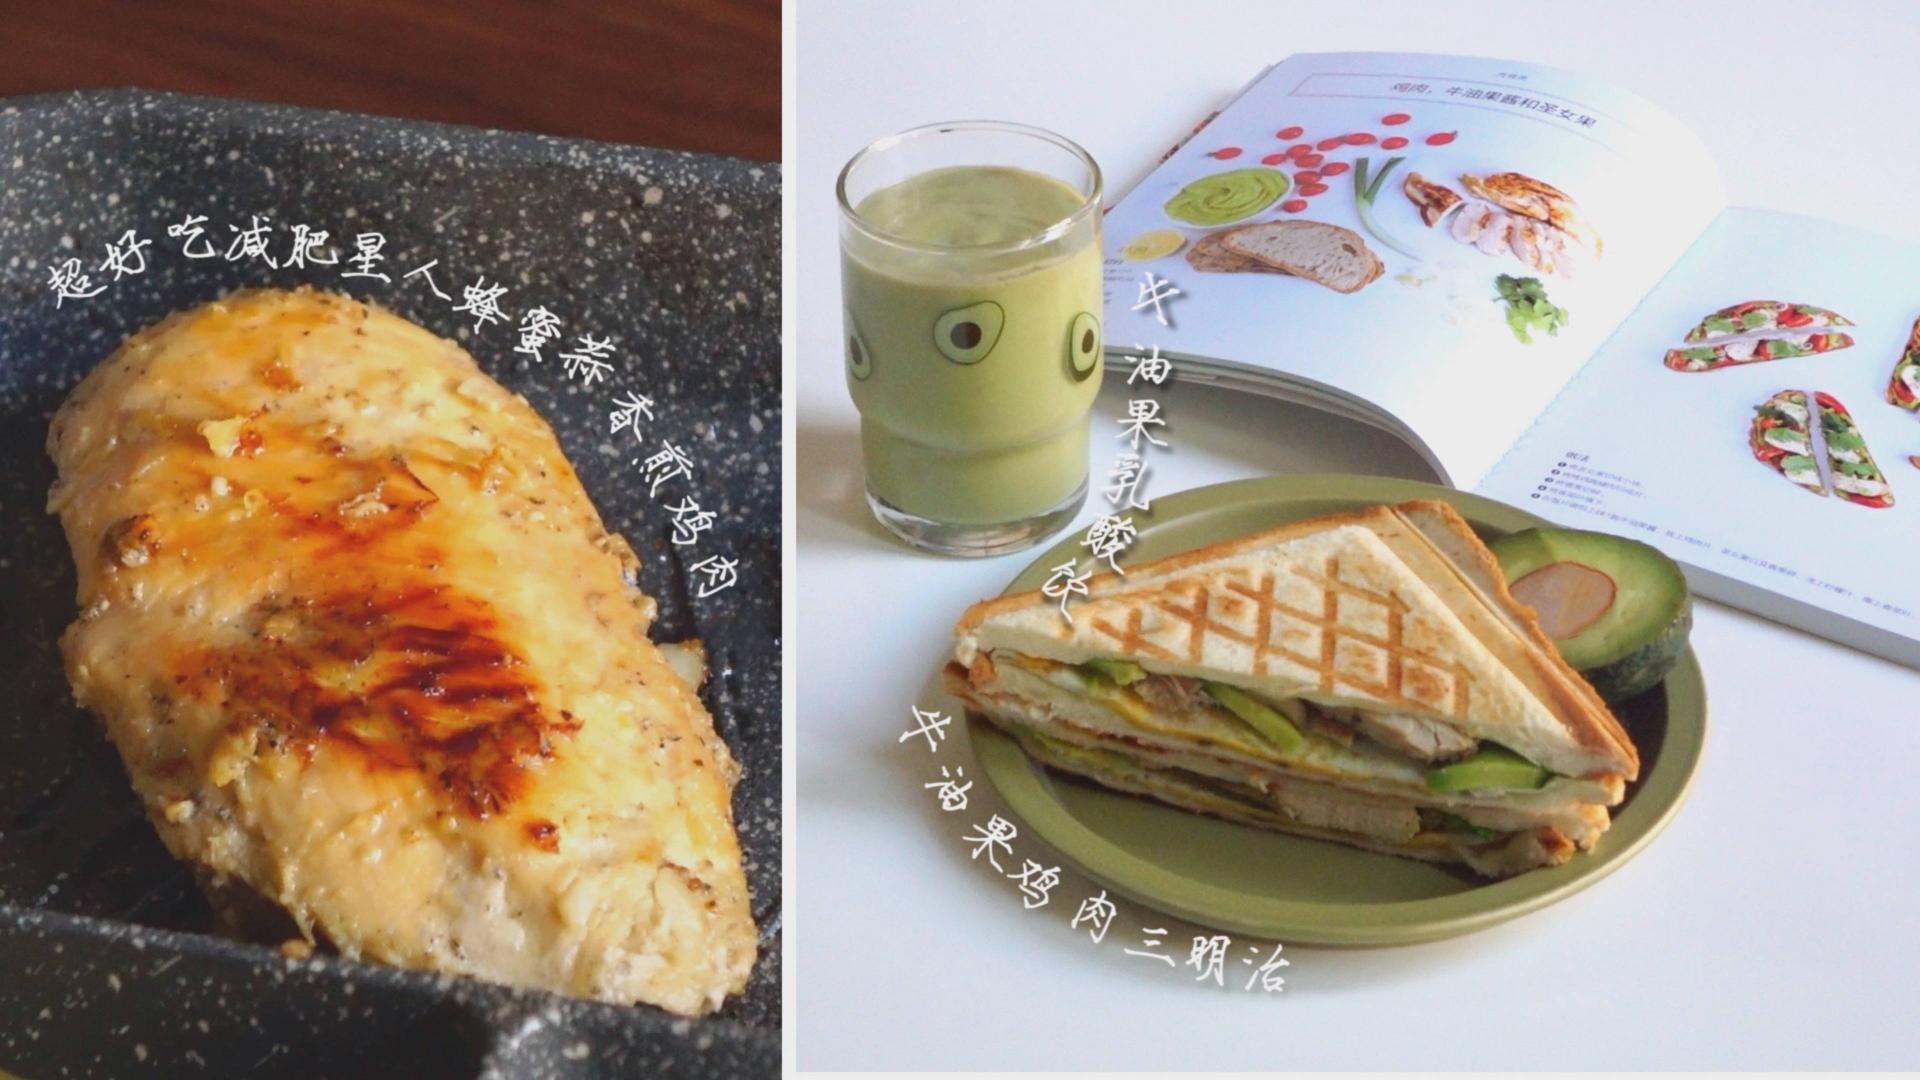 蜂蜜蒜香煎鸡胸肉,减肥星人也能享受超好吃的美食